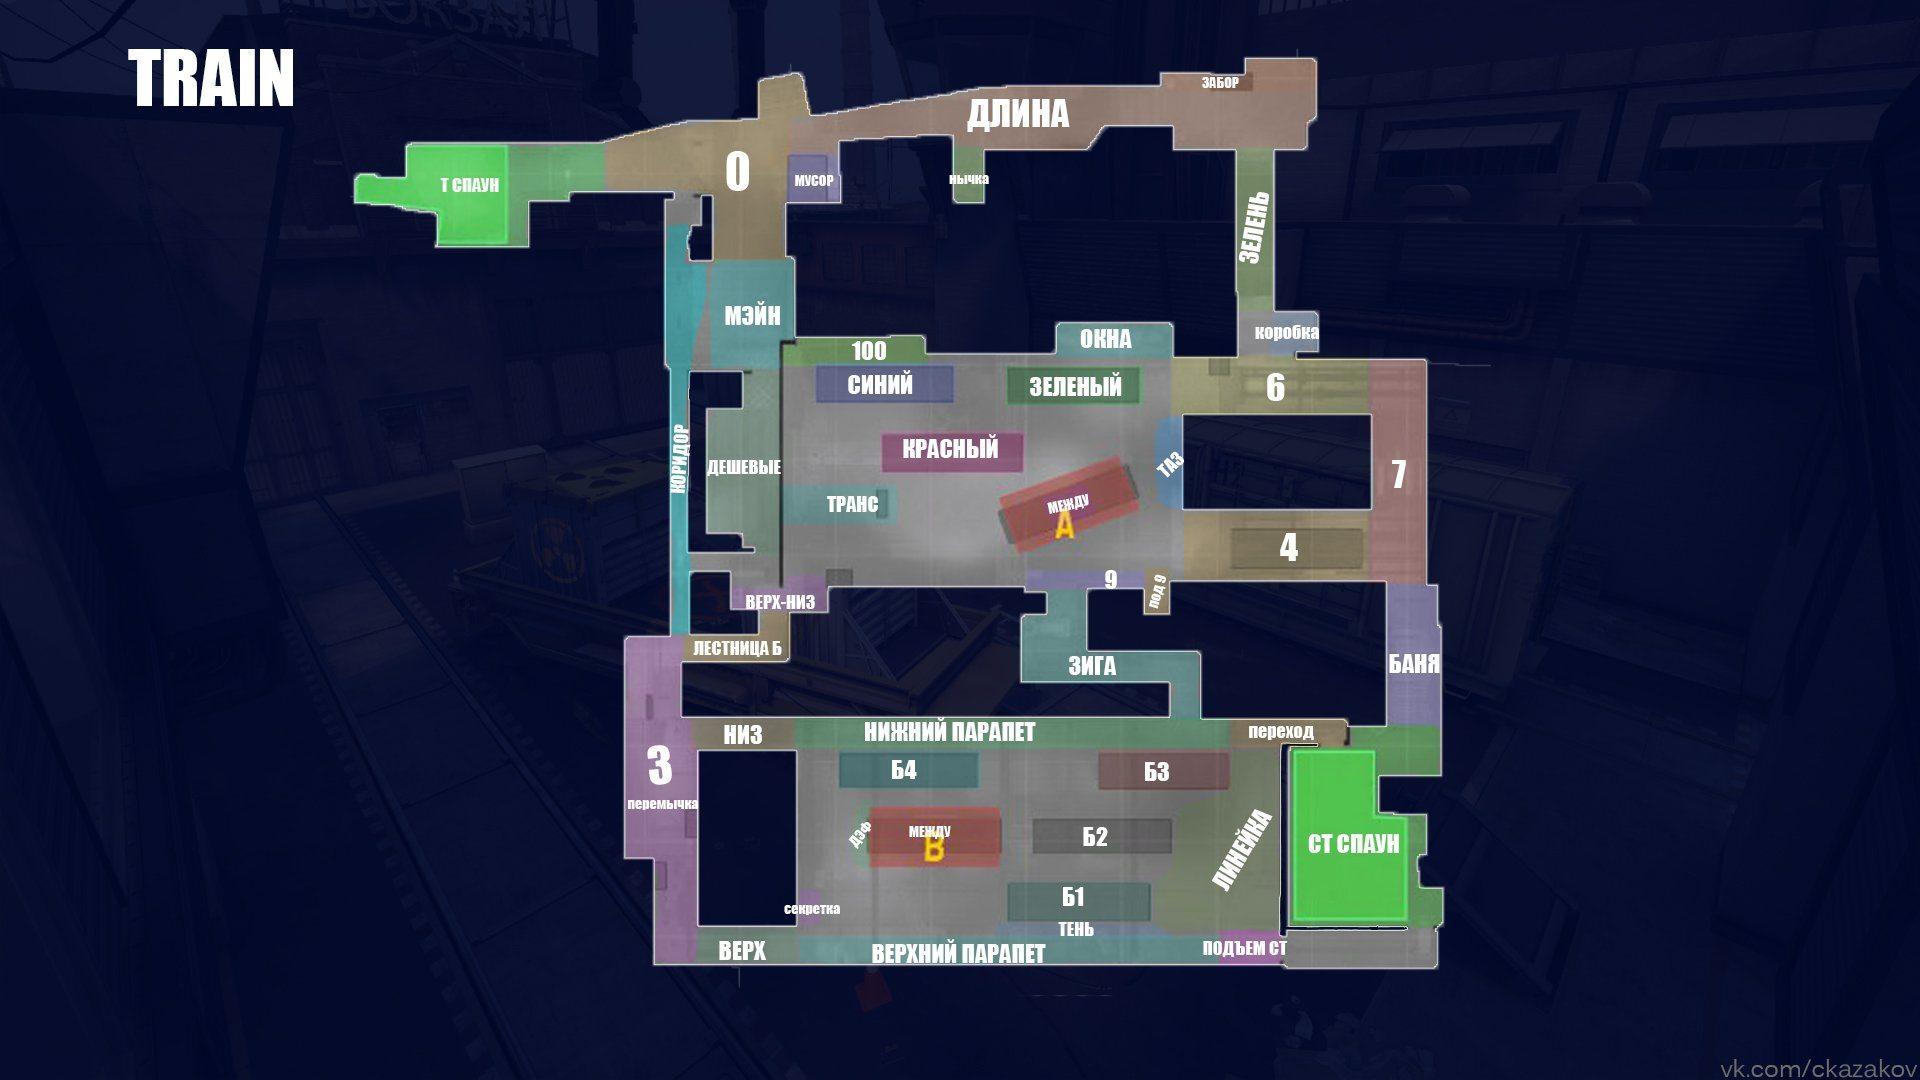 Обозначение позиций на карте Train